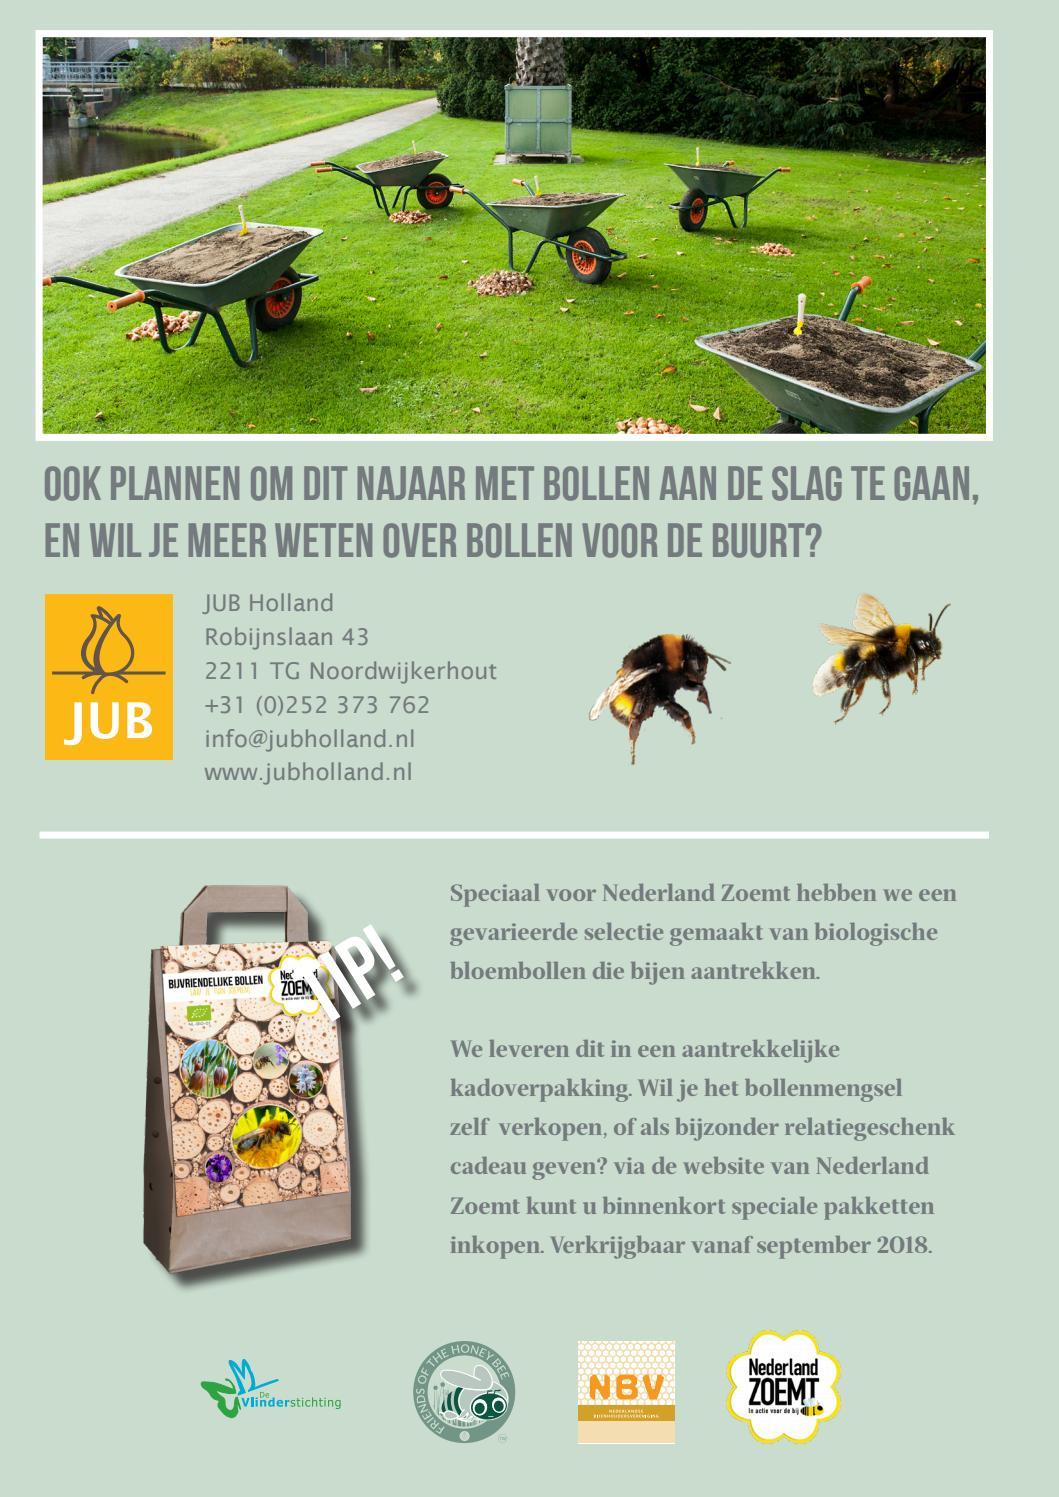 Bollen Voor De Buurt 2018 By Jub Holland Issuu